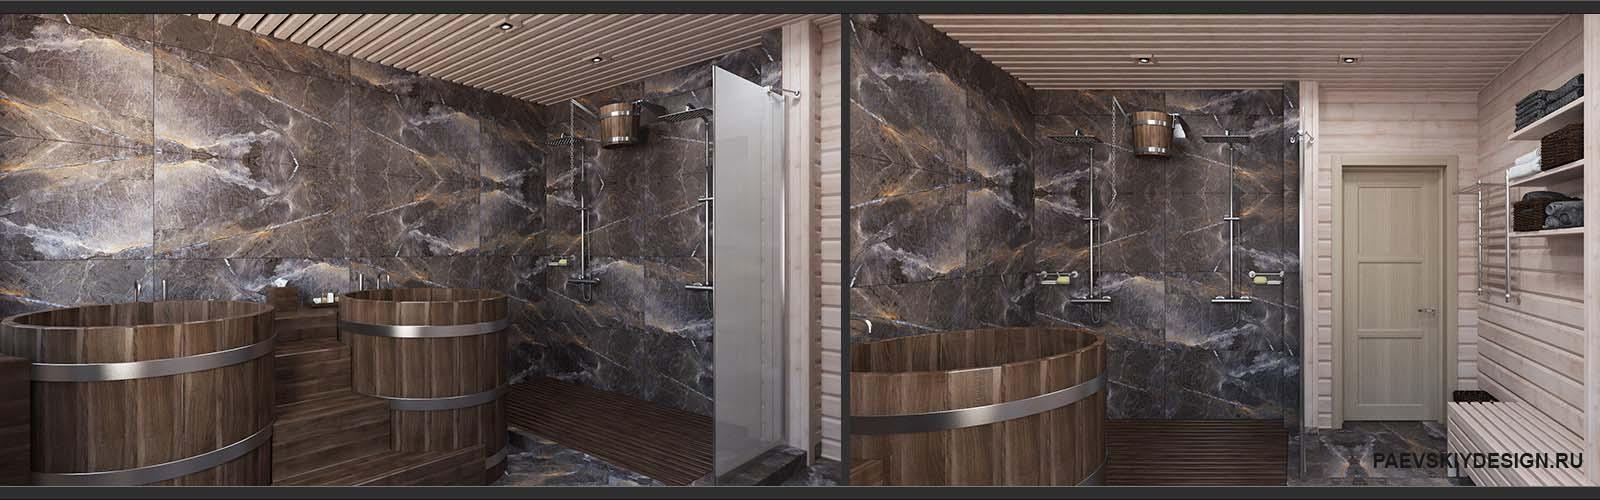 Дизайн деревянного дома внутри проект интерьера деревянного дома